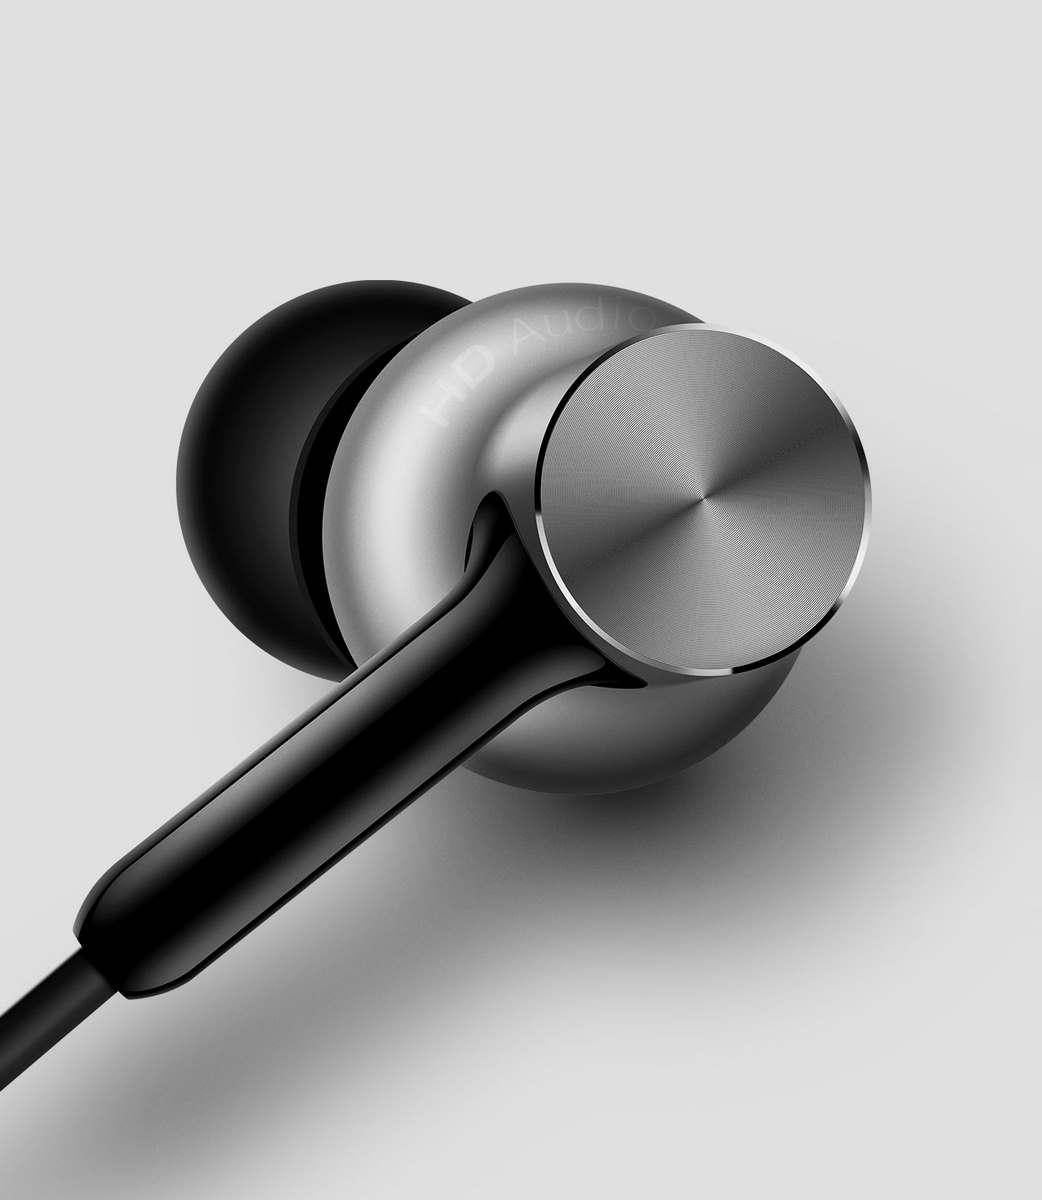 Mi-In-Ear-Headphones-Pro-Detailed CD pattern